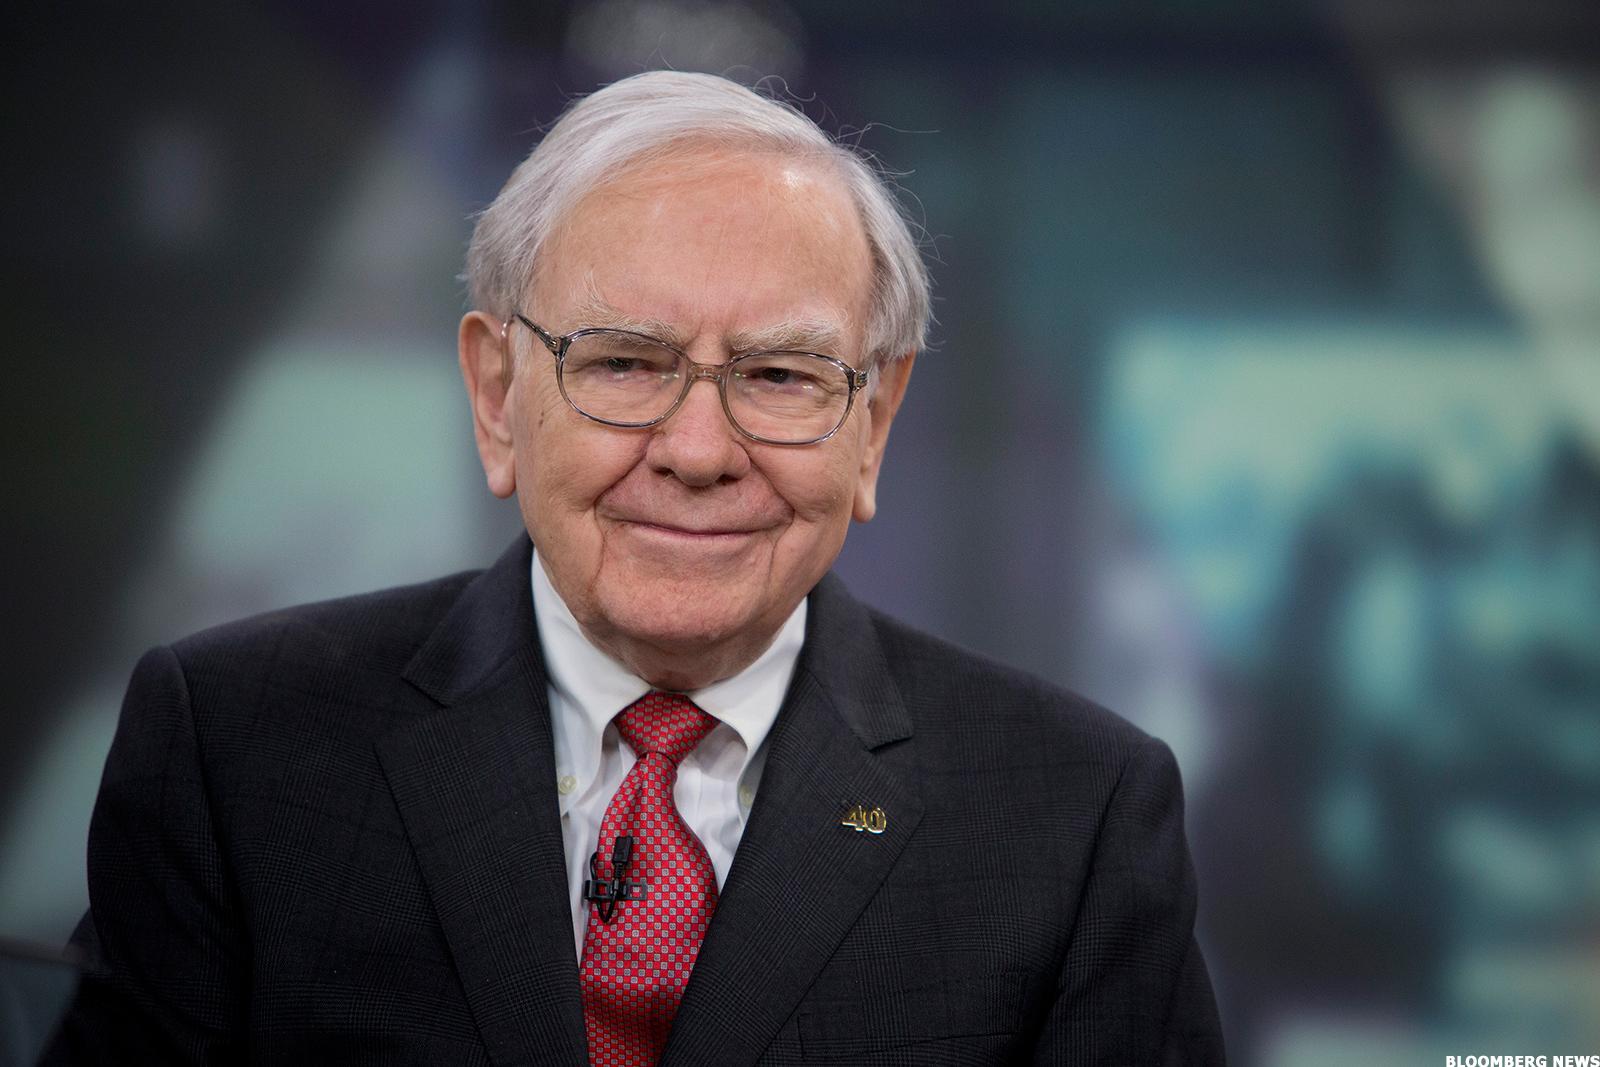 wallpapercave.com-Warren Buffett